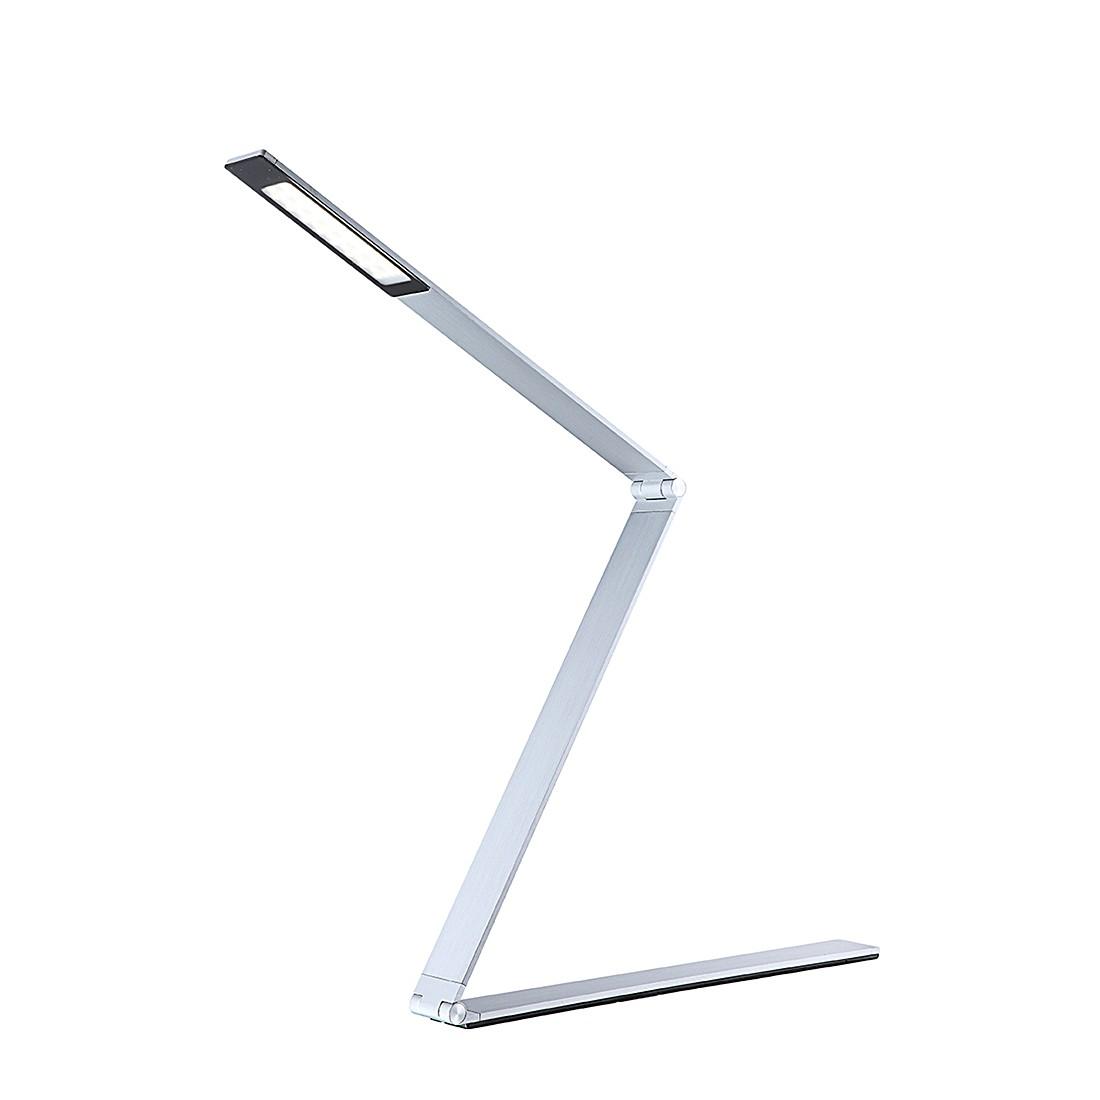 Tischleuchte Estelar II ● Aluminium ● Blau ● 1-flammig- Lux A+